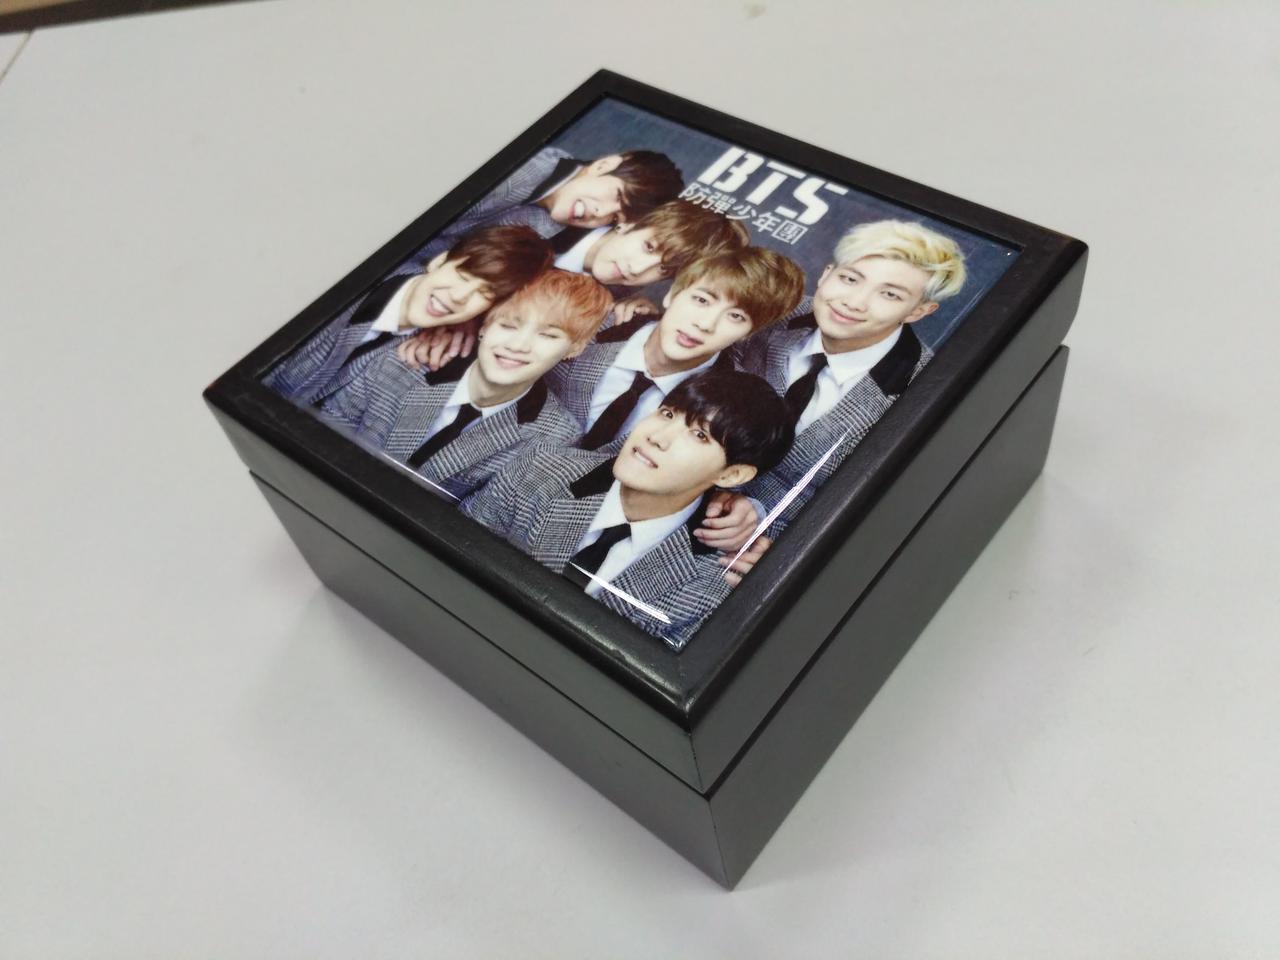 Скринька K-pop